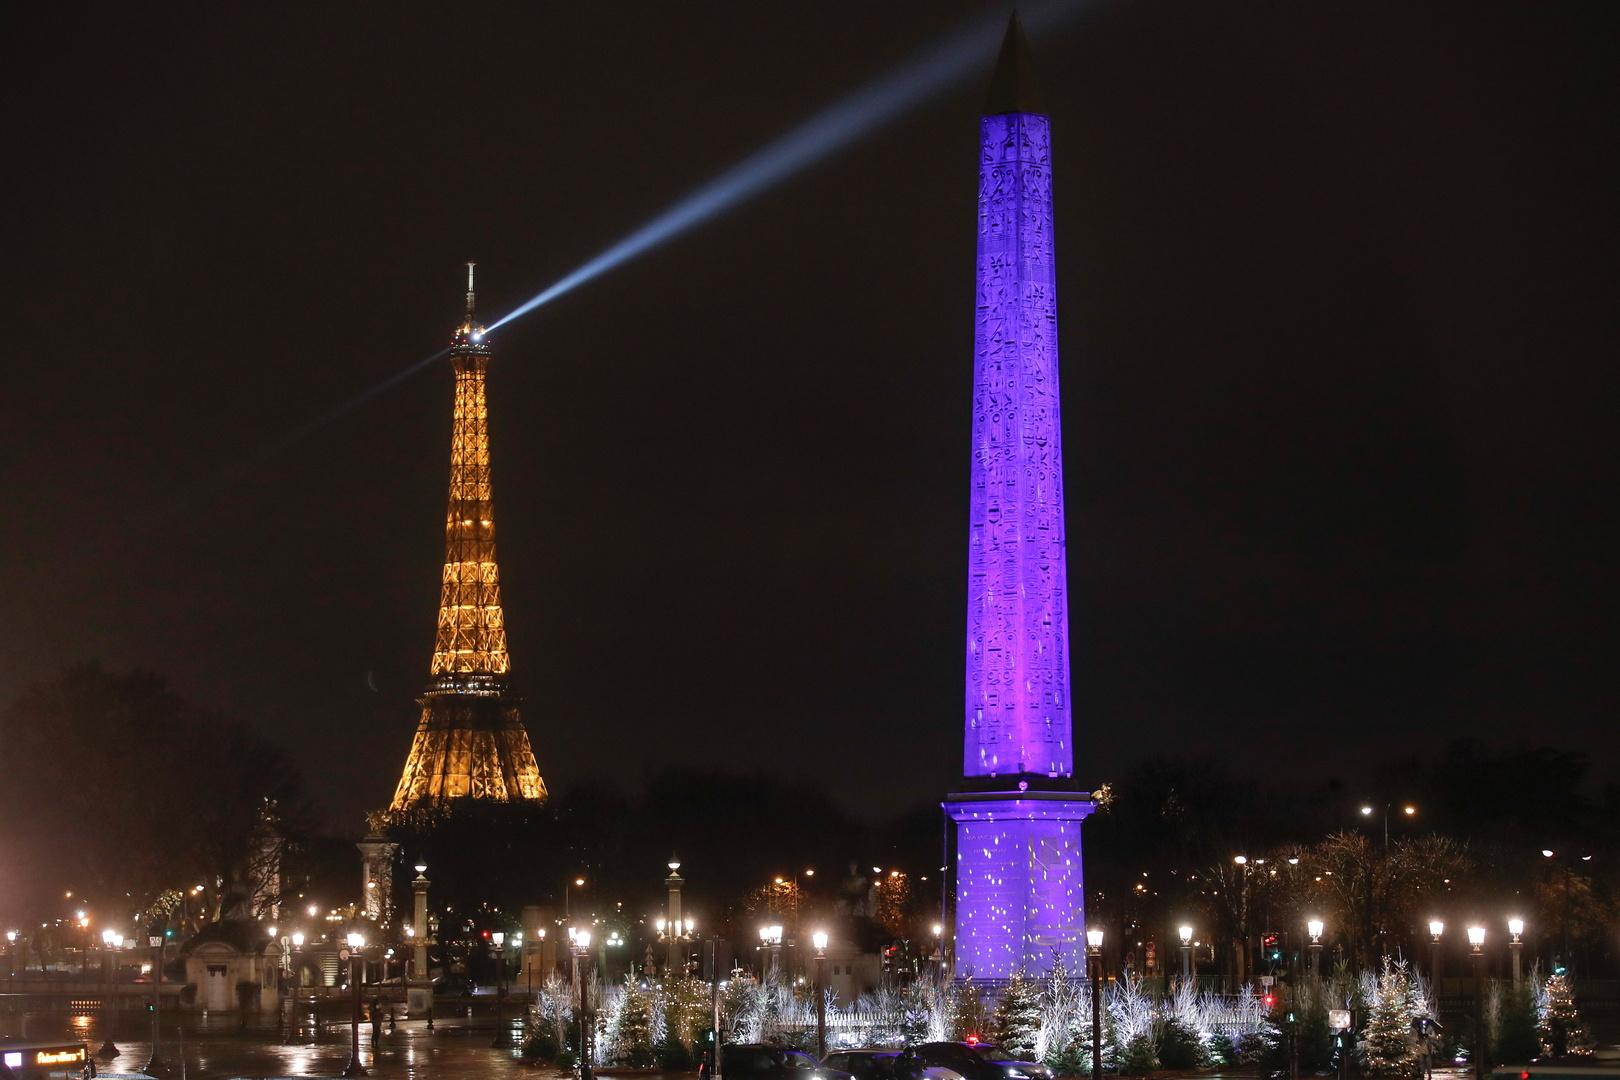 إضاءات عيد الميلاد لموسم الأعياد في باريس